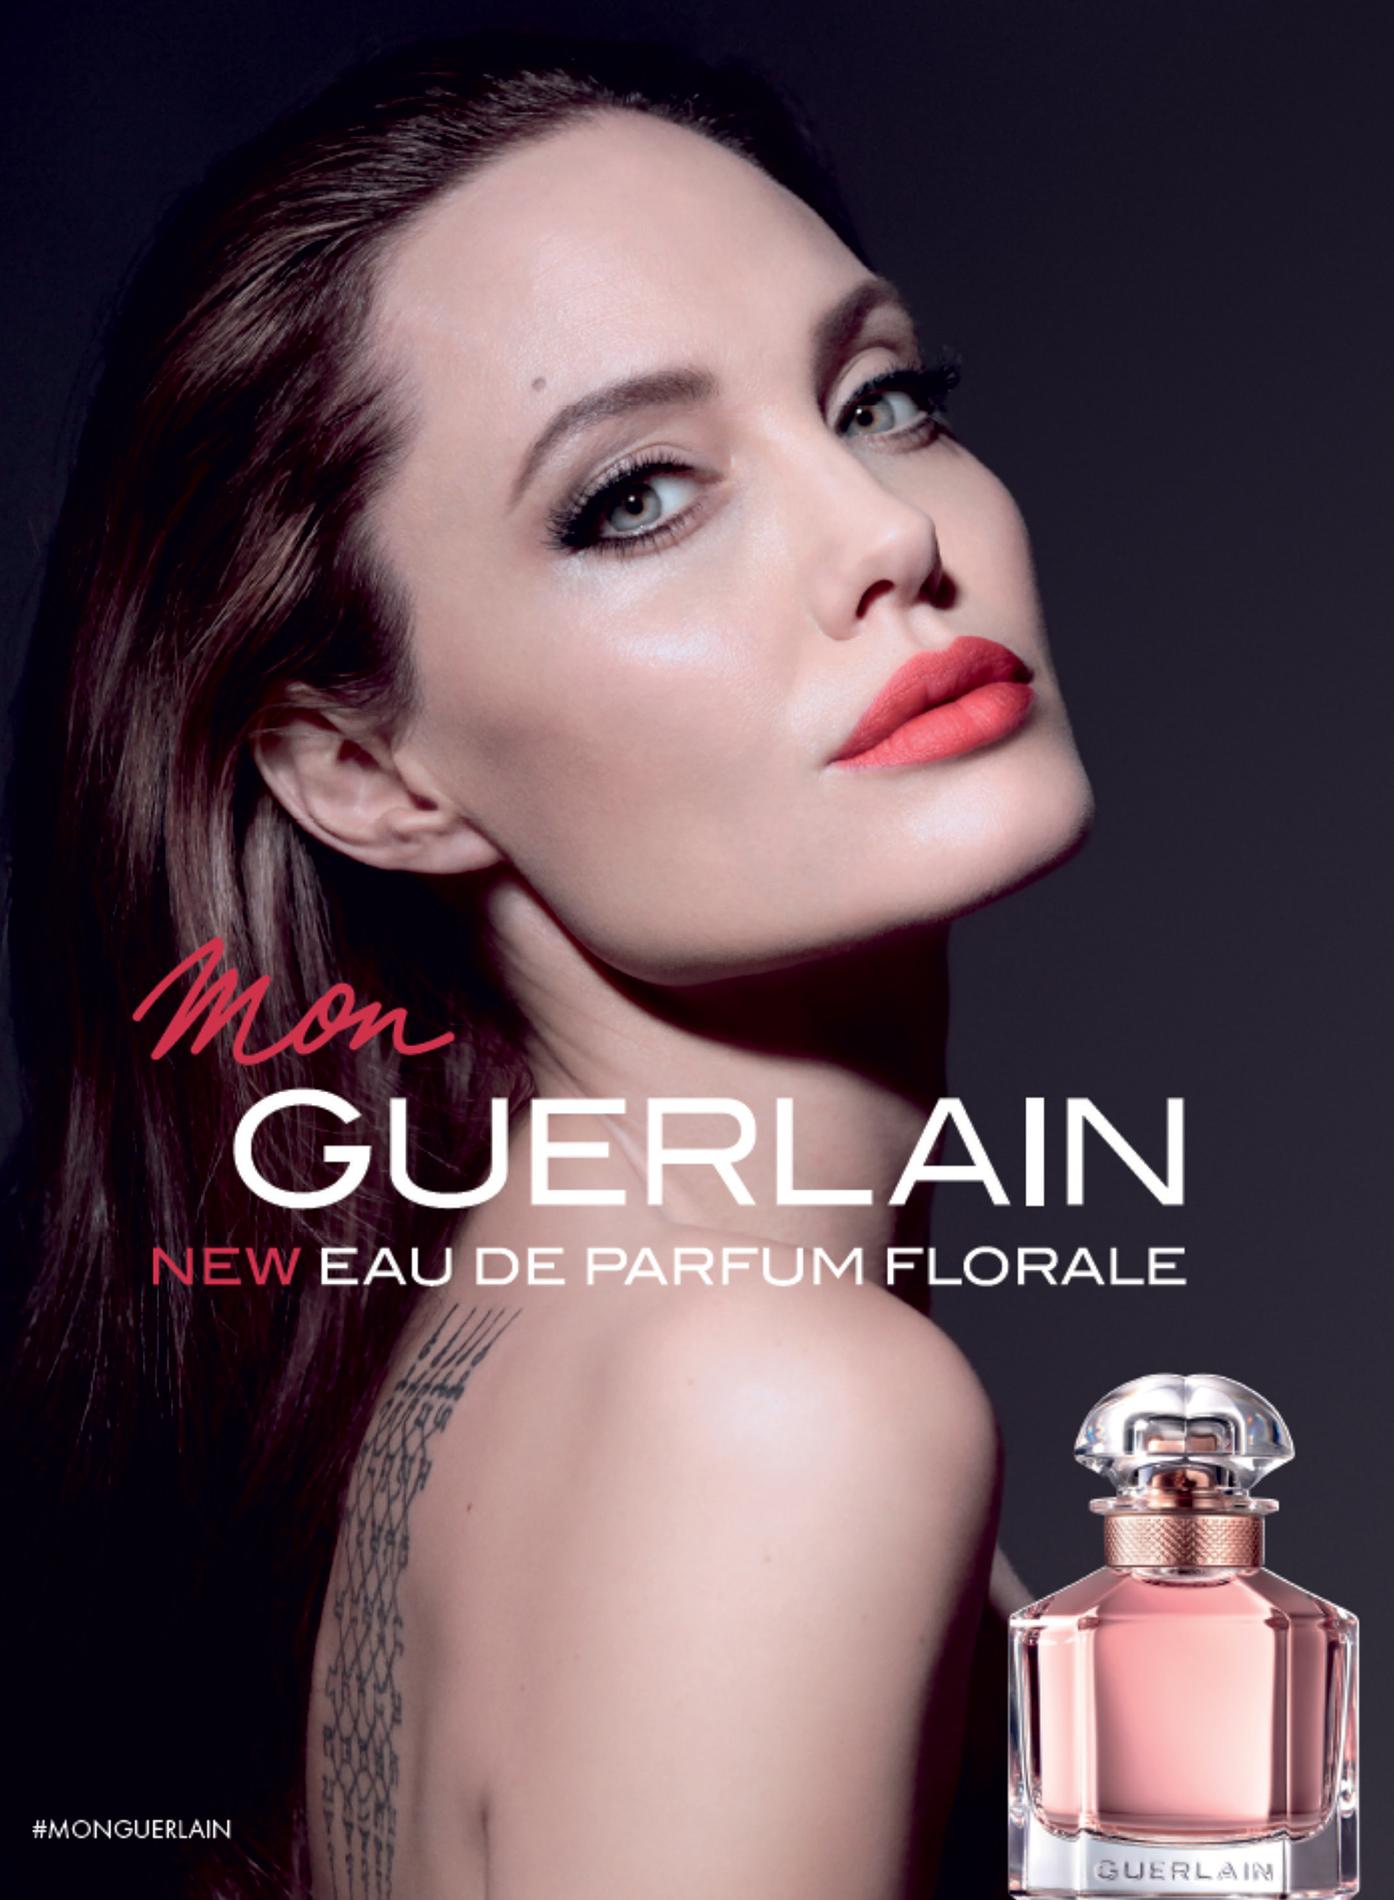 Guerlain Femme Florale Pour Mon Mon Pour Guerlain Florale Mon Femme 4jAR5L